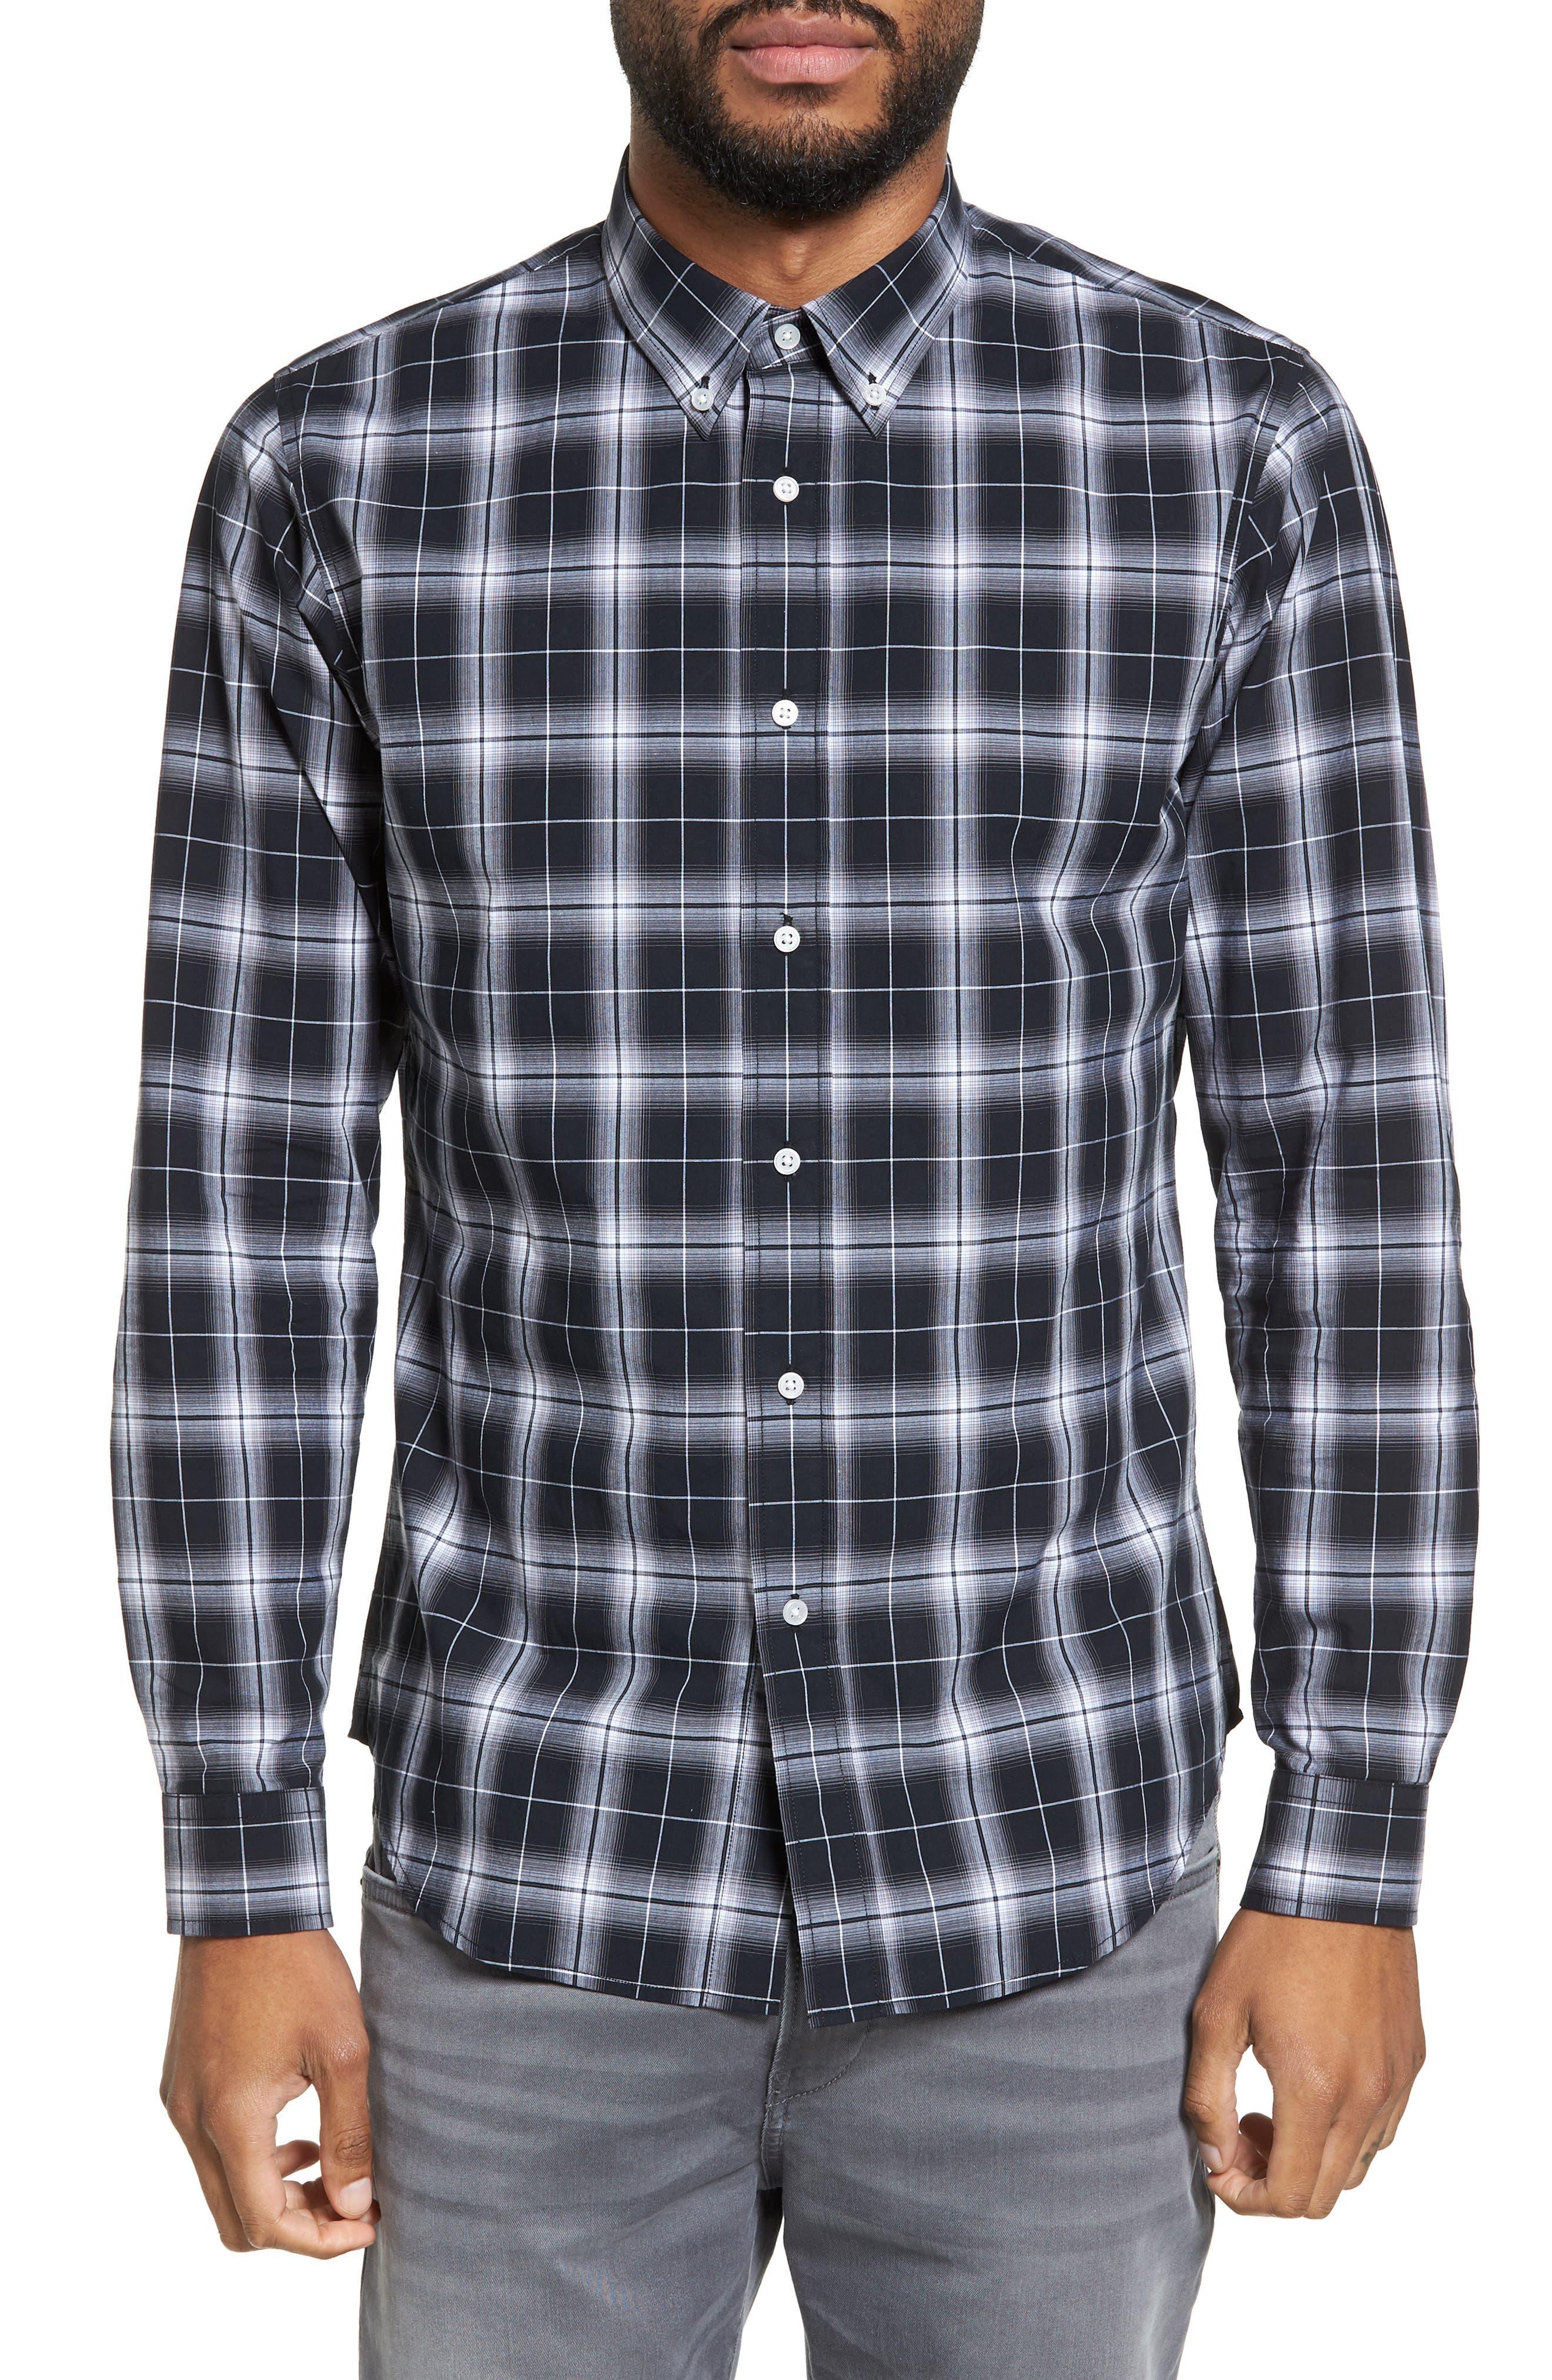 Trim Fit Ombré Plaid Sport Shirt,                         Main,                         color, Black/ White Plaid